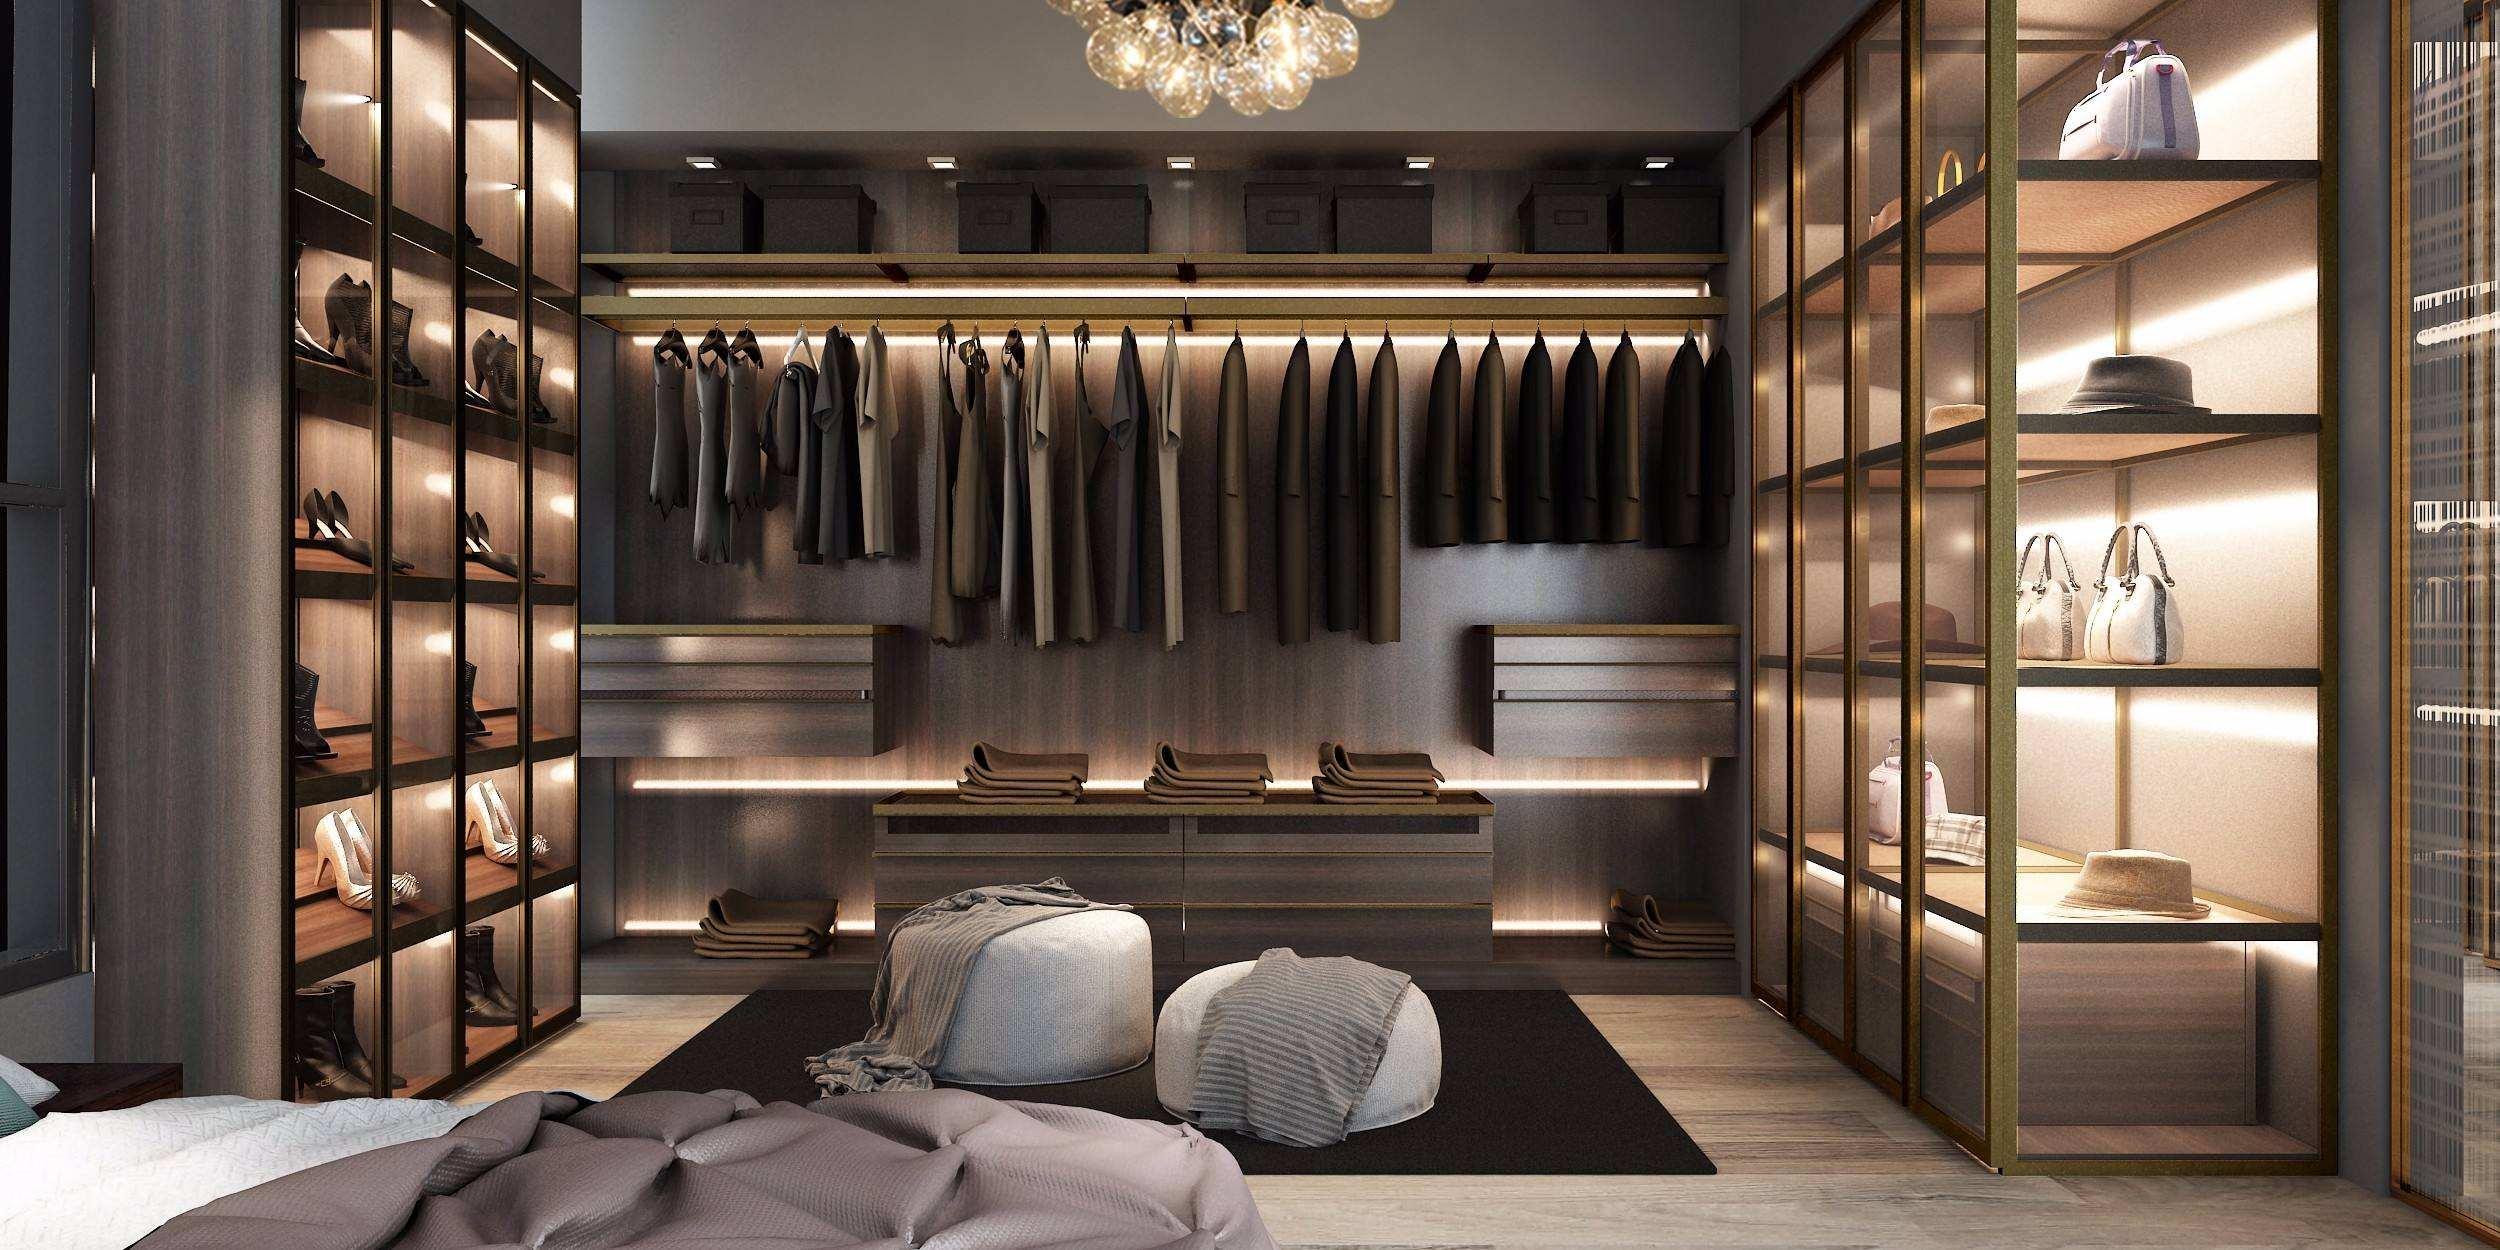 衣柜深度多少合适 给深度升降收纳空间多一倍